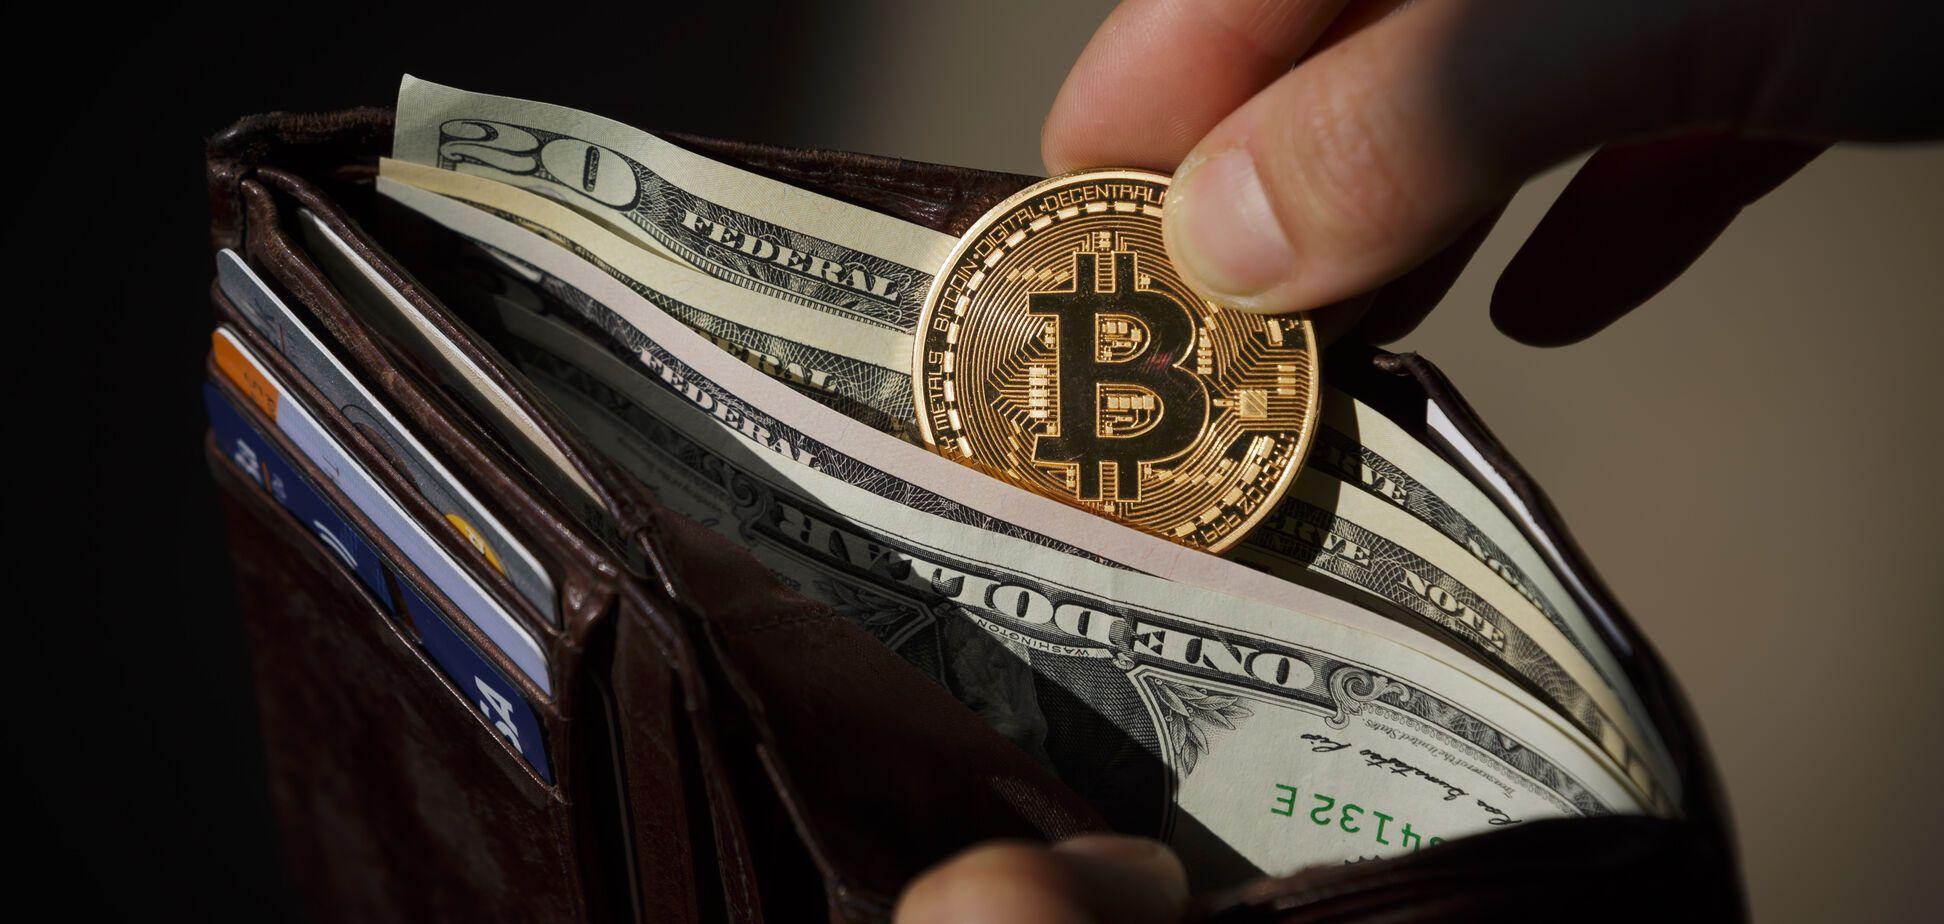 Биткоин пошел в рост: как начать добывать криптовалюту